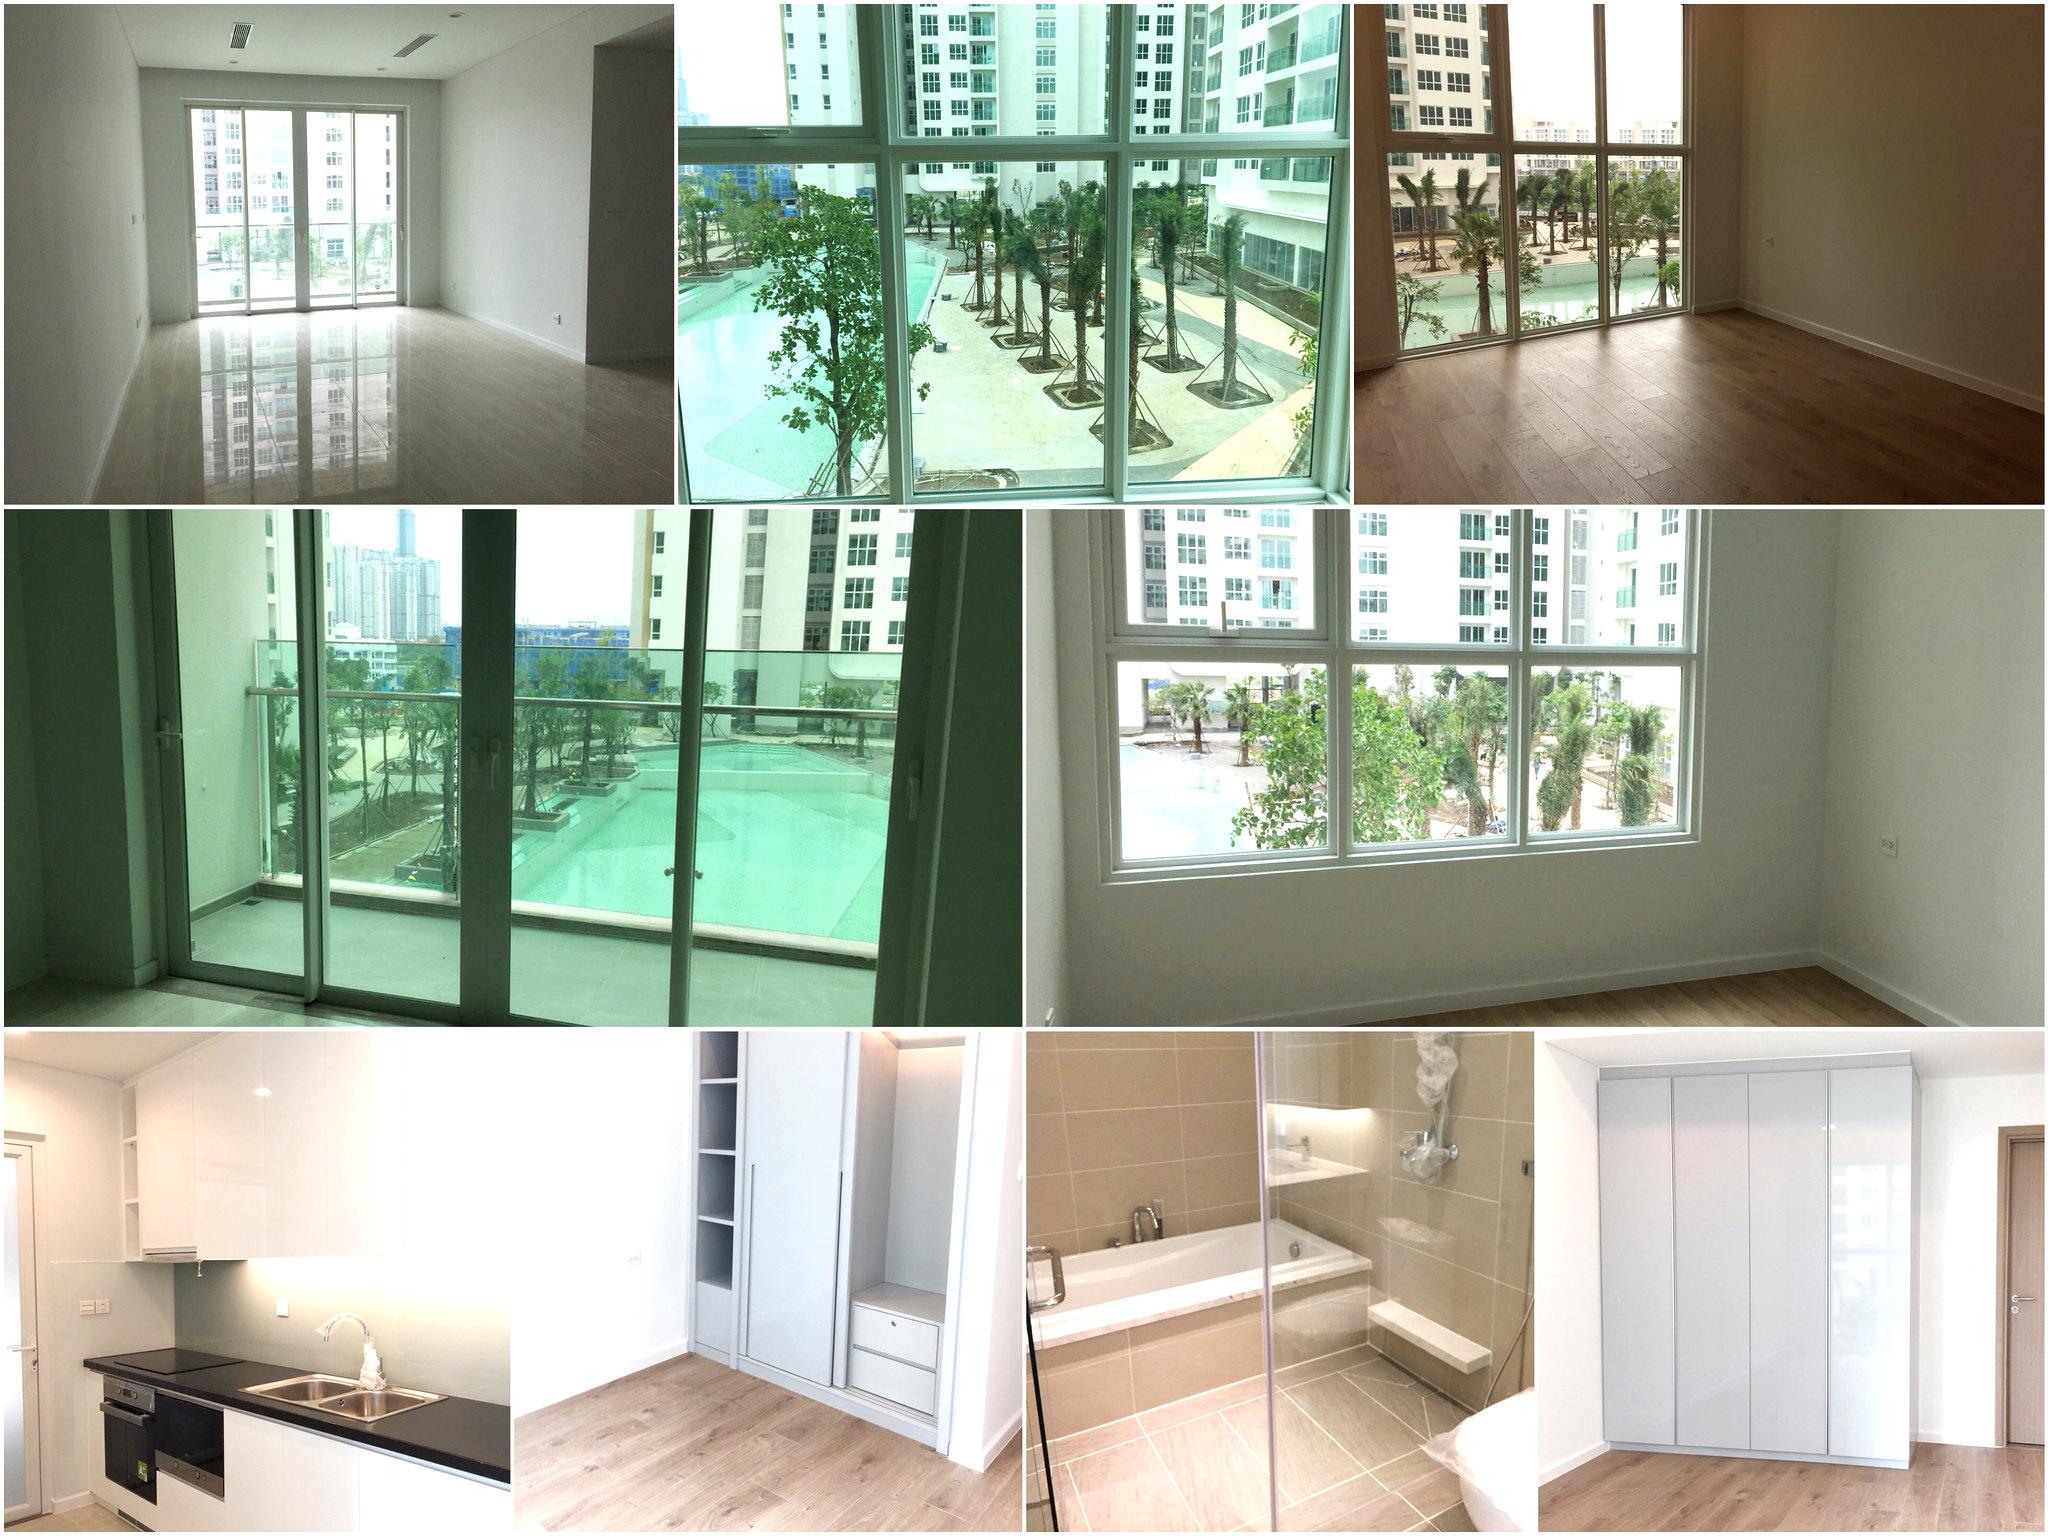 Hình ảnh thực tế căn hộ bàn giao theo tiêu chuẩn từ Đại Quang Minh